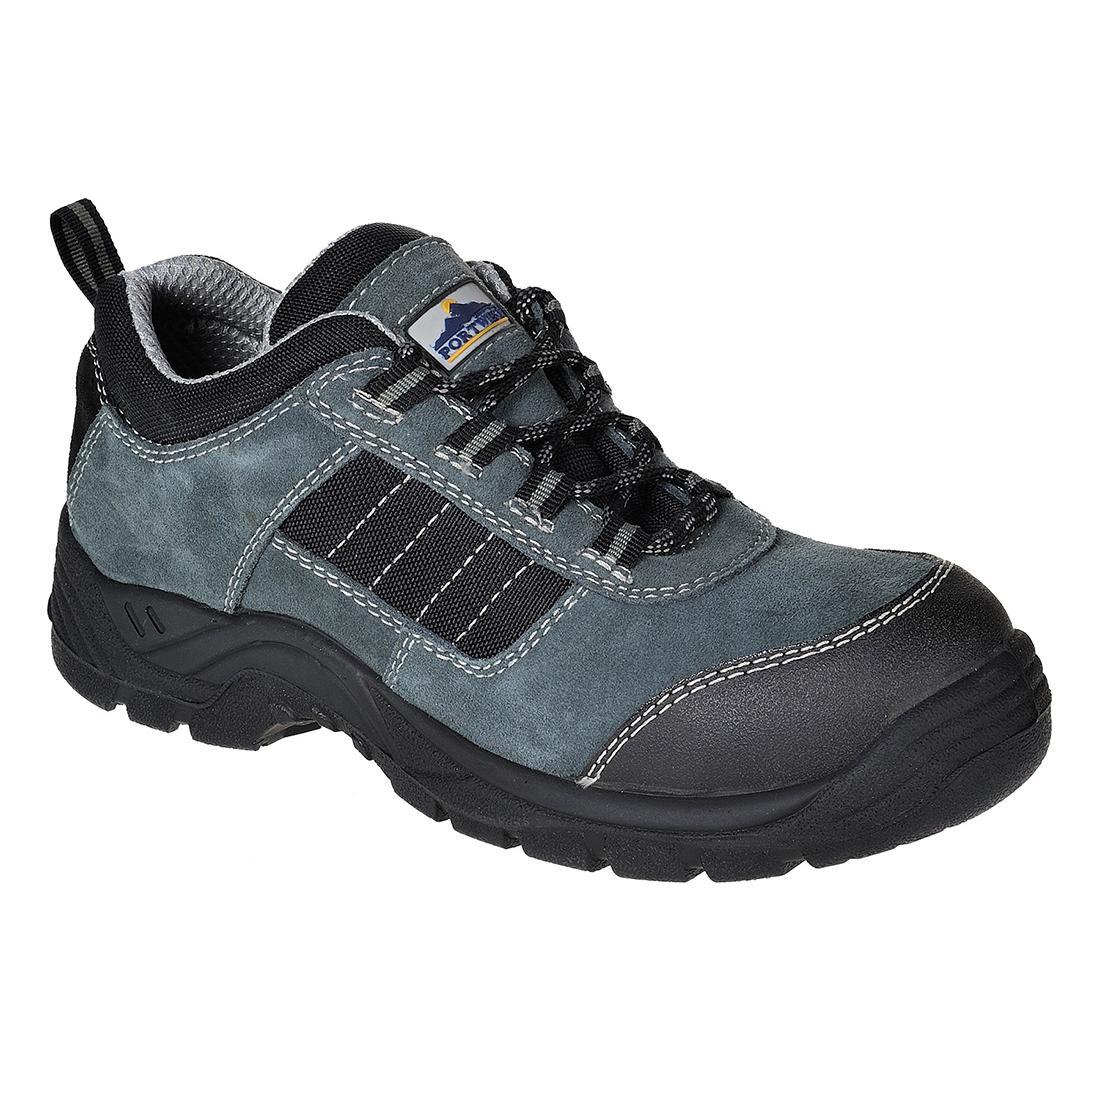 Trekker Shoe S1 - 46/11 Black 46